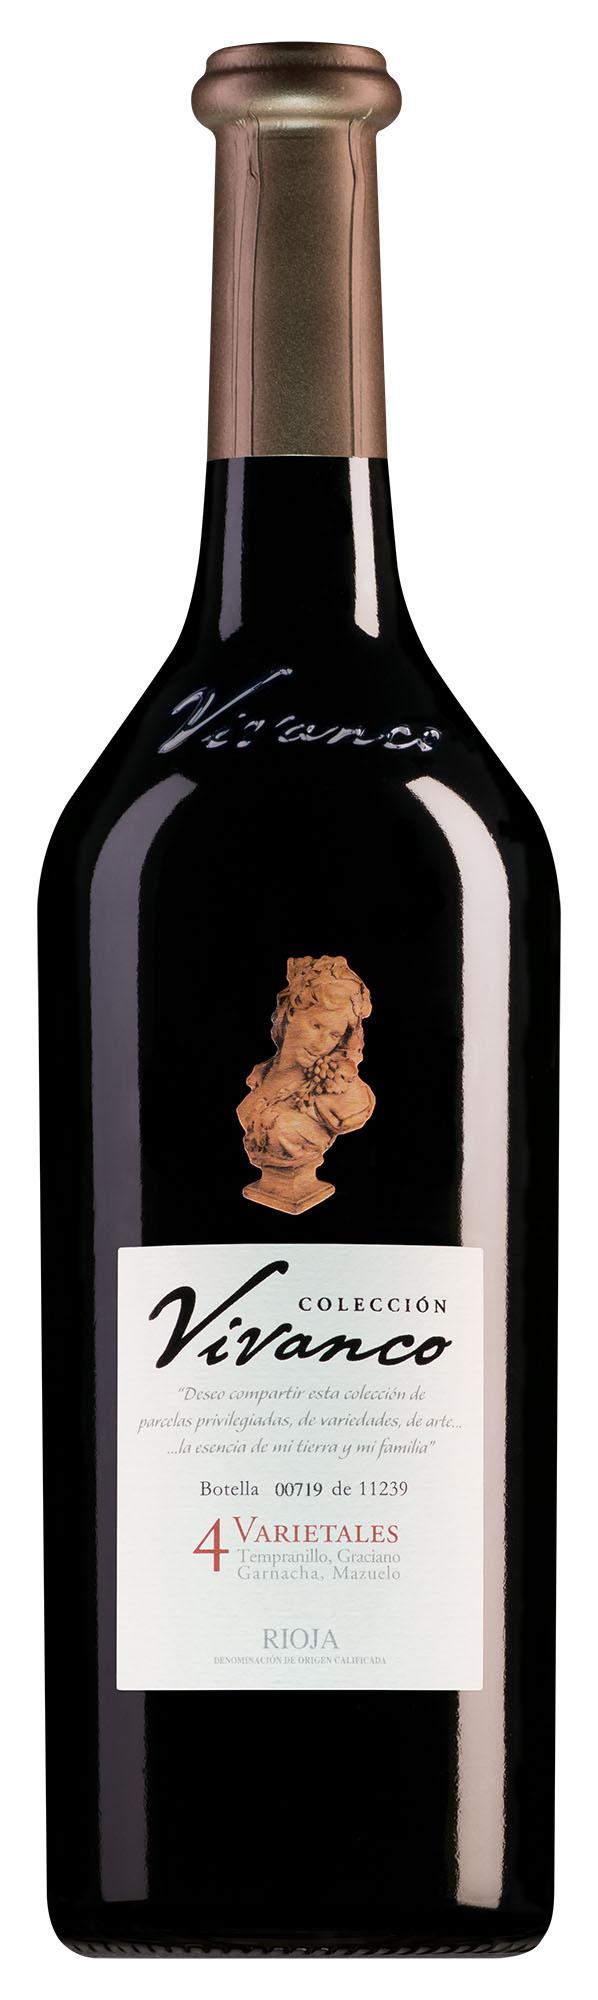 Vivanco Rioja Colección 4 varietales